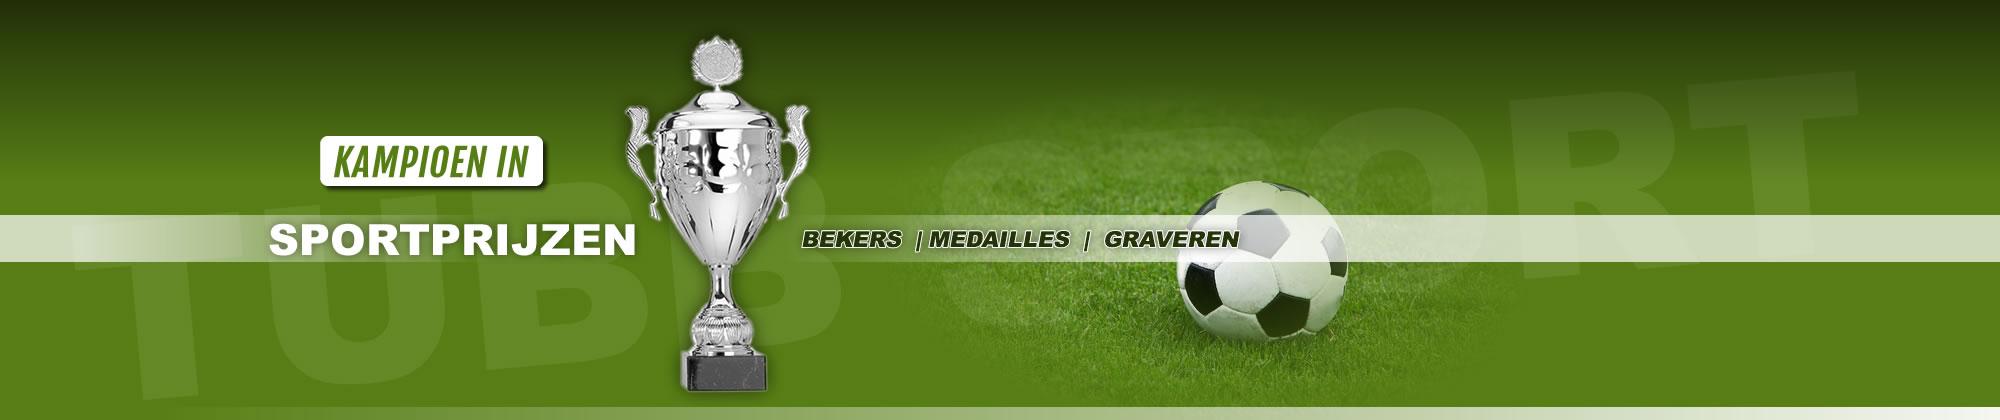 Slider Afbeelding van Tubbsport | Sportprijzen, bekers en medailles